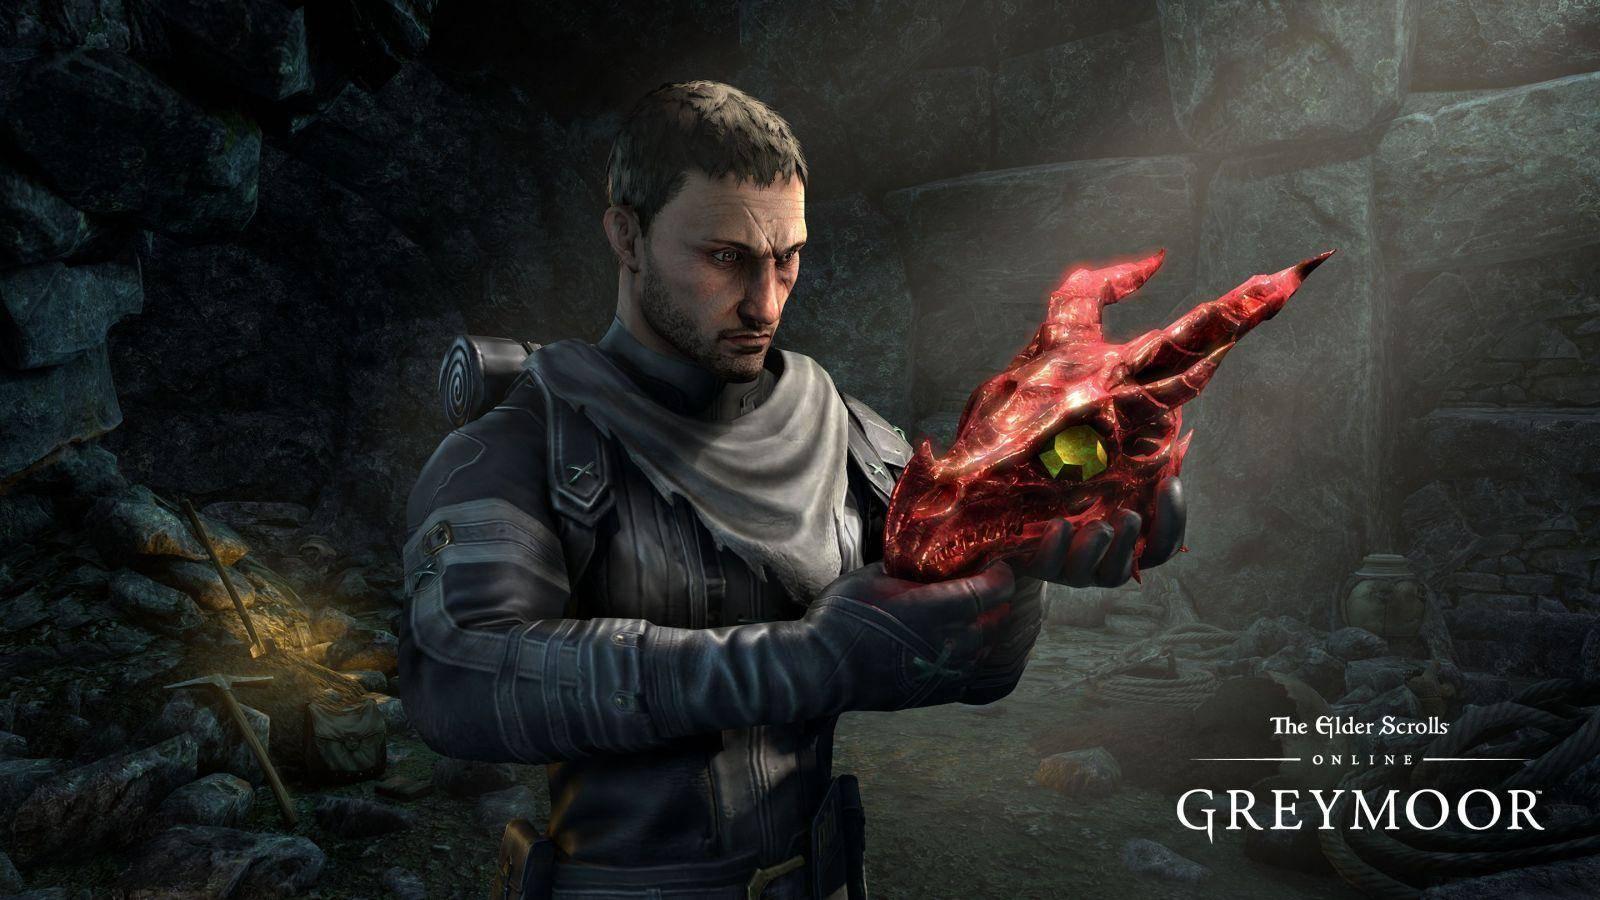 La tierra de Skyrim regresa a consolas con The Elder Scrolls Online 5